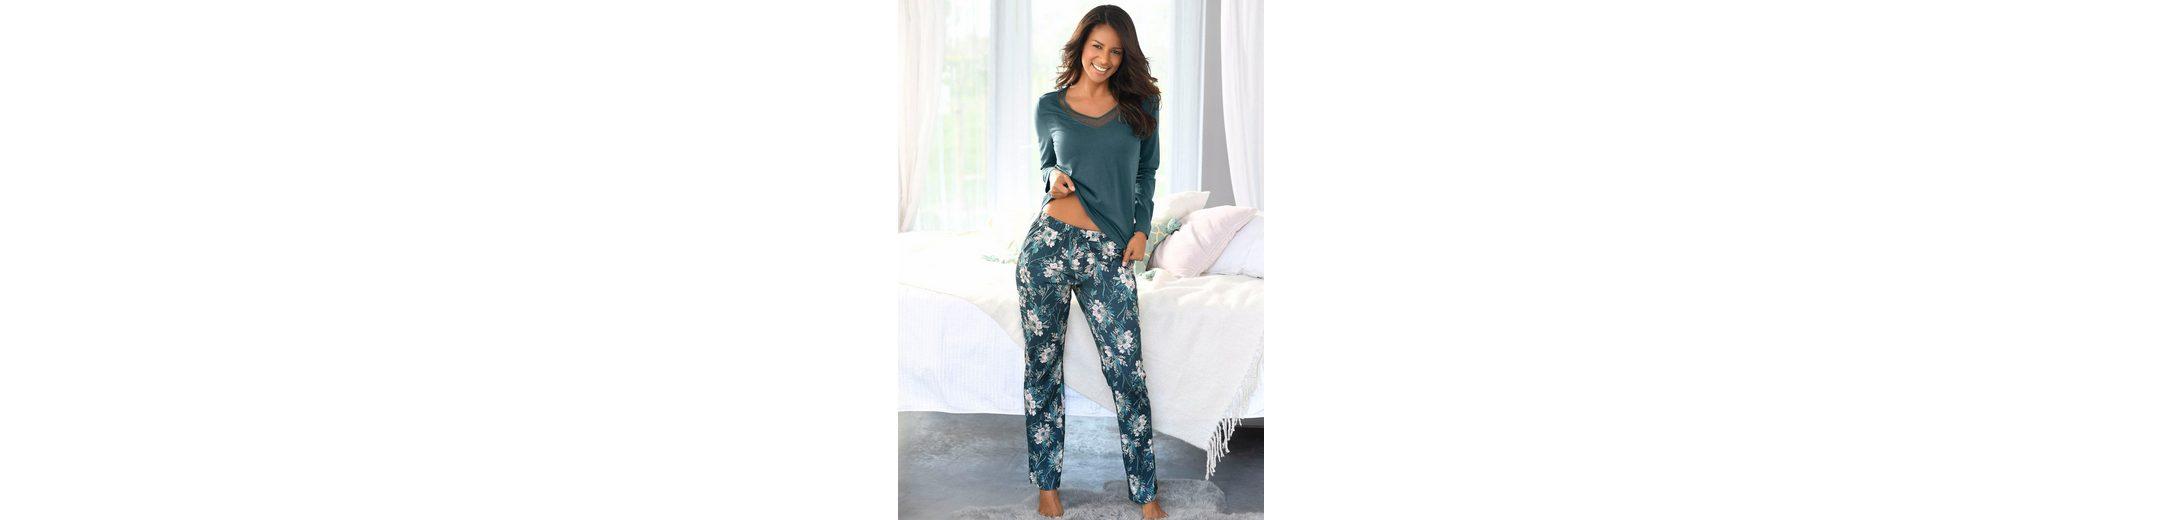 Vivance Dreams Pyjama mit langer Hose im floralen Print Verkauf Günstiger Preis Zu Verkaufen Niedriger Versandverkauf Online Wie Viel Günstigen Preis jjweBHJak